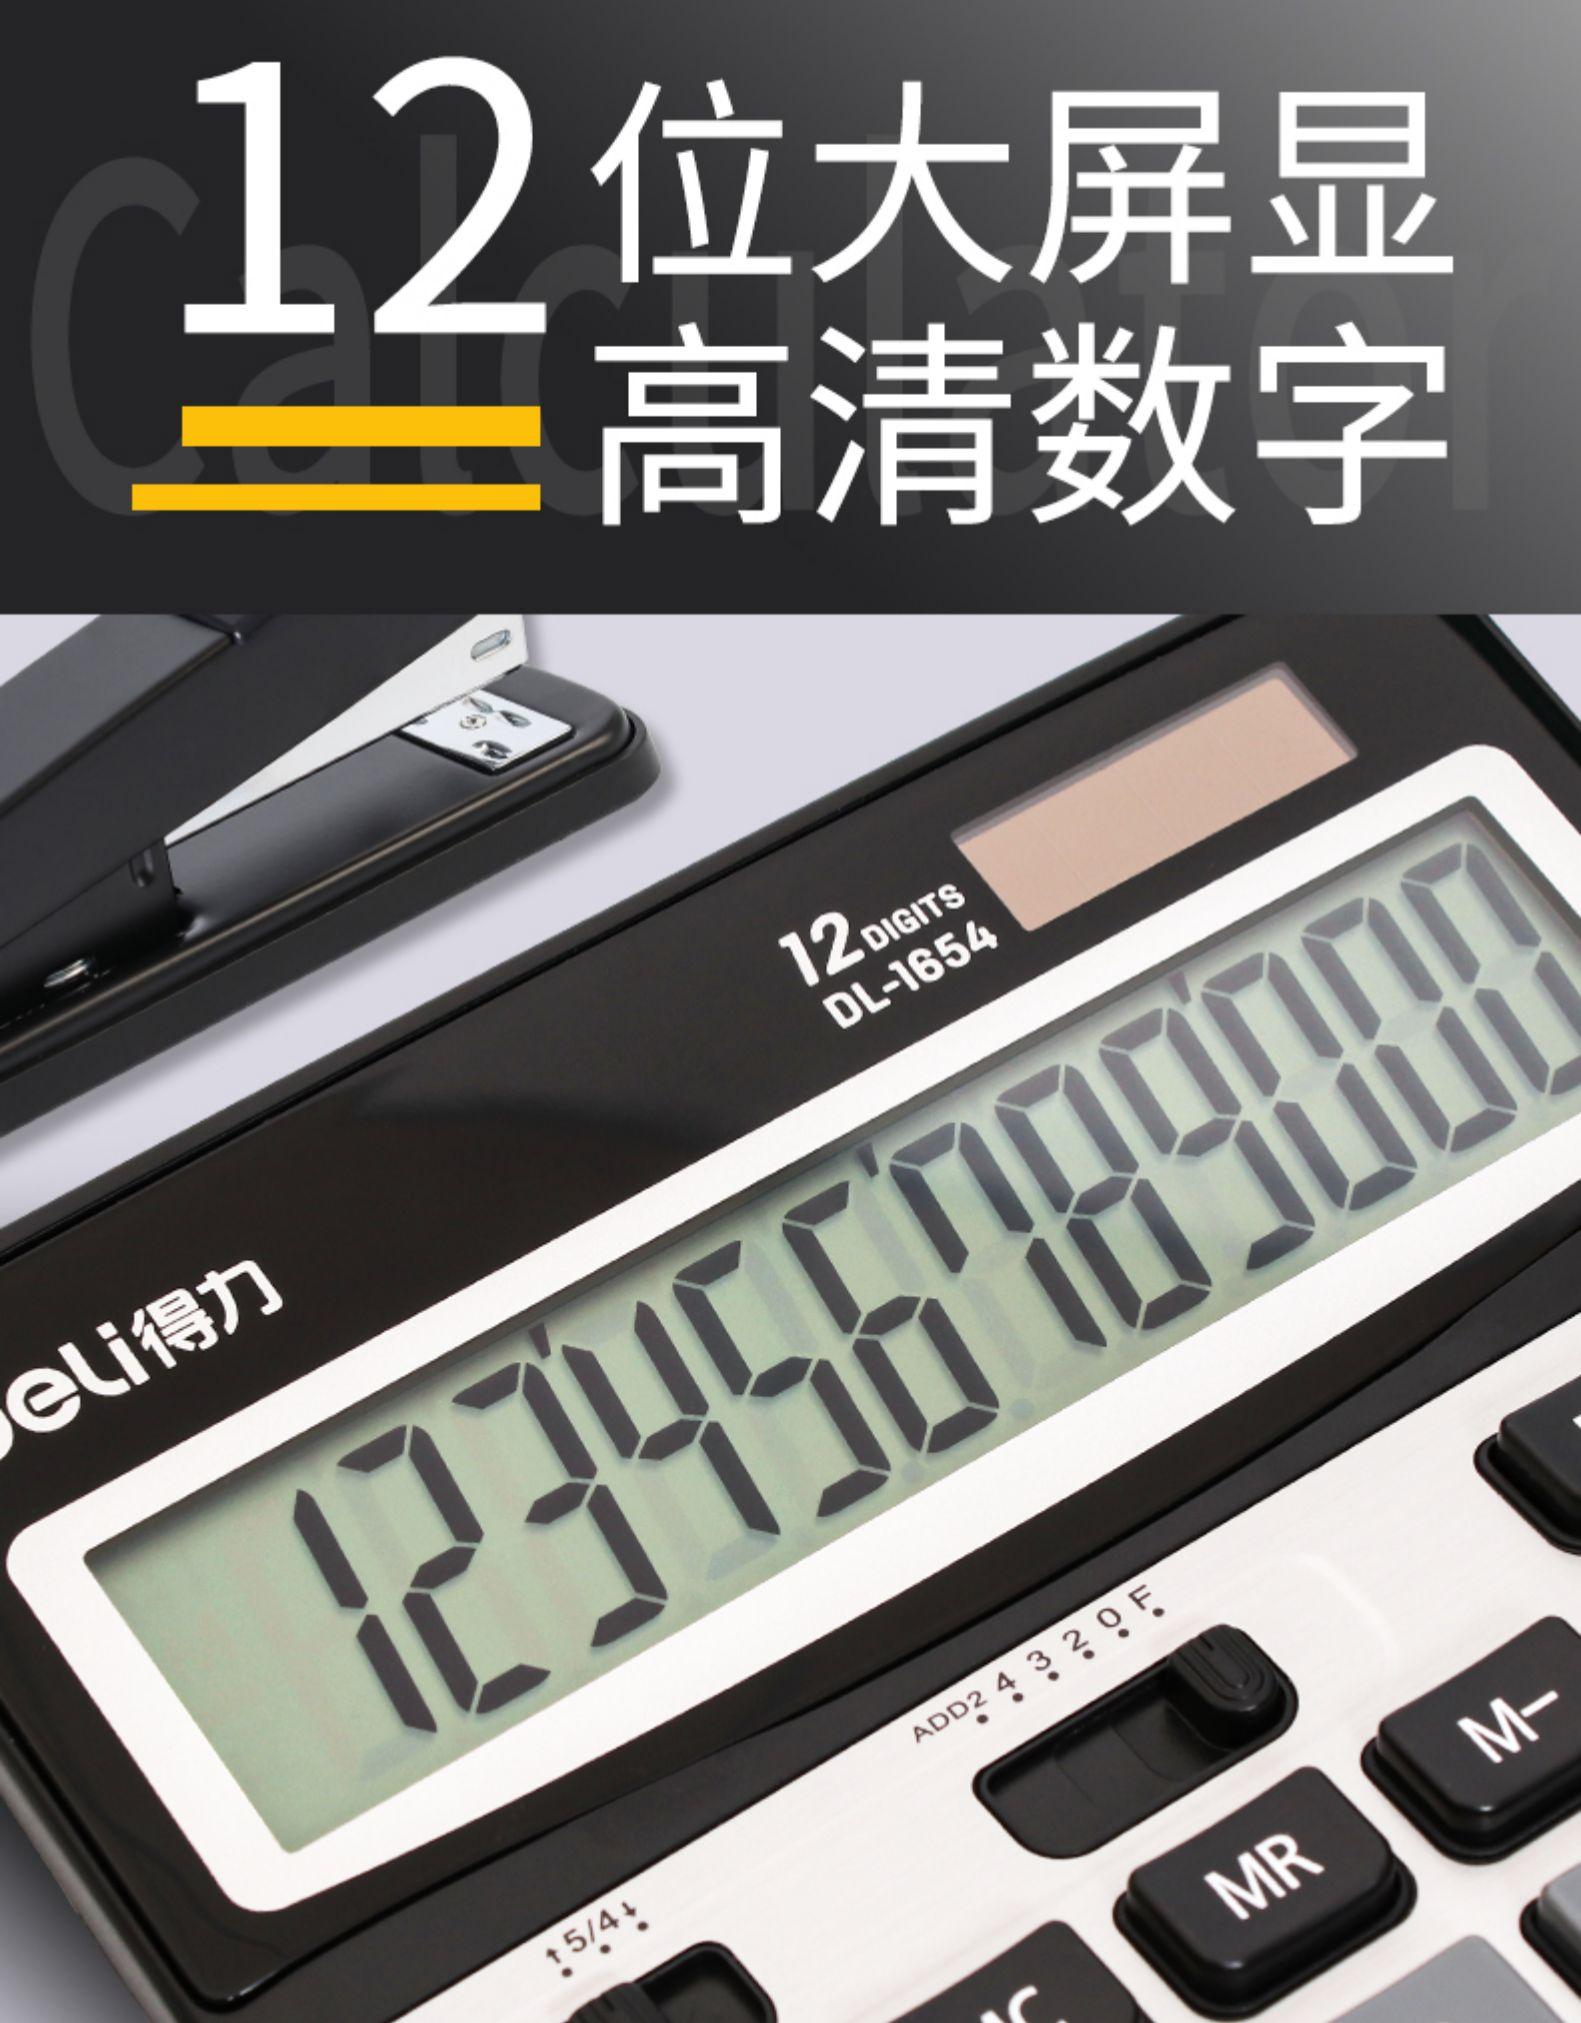 得力计算器办公用计算机带语音商务型计算机器财务会计专用功能型机械键盘太阳能大按键商用电子计算器详细照片